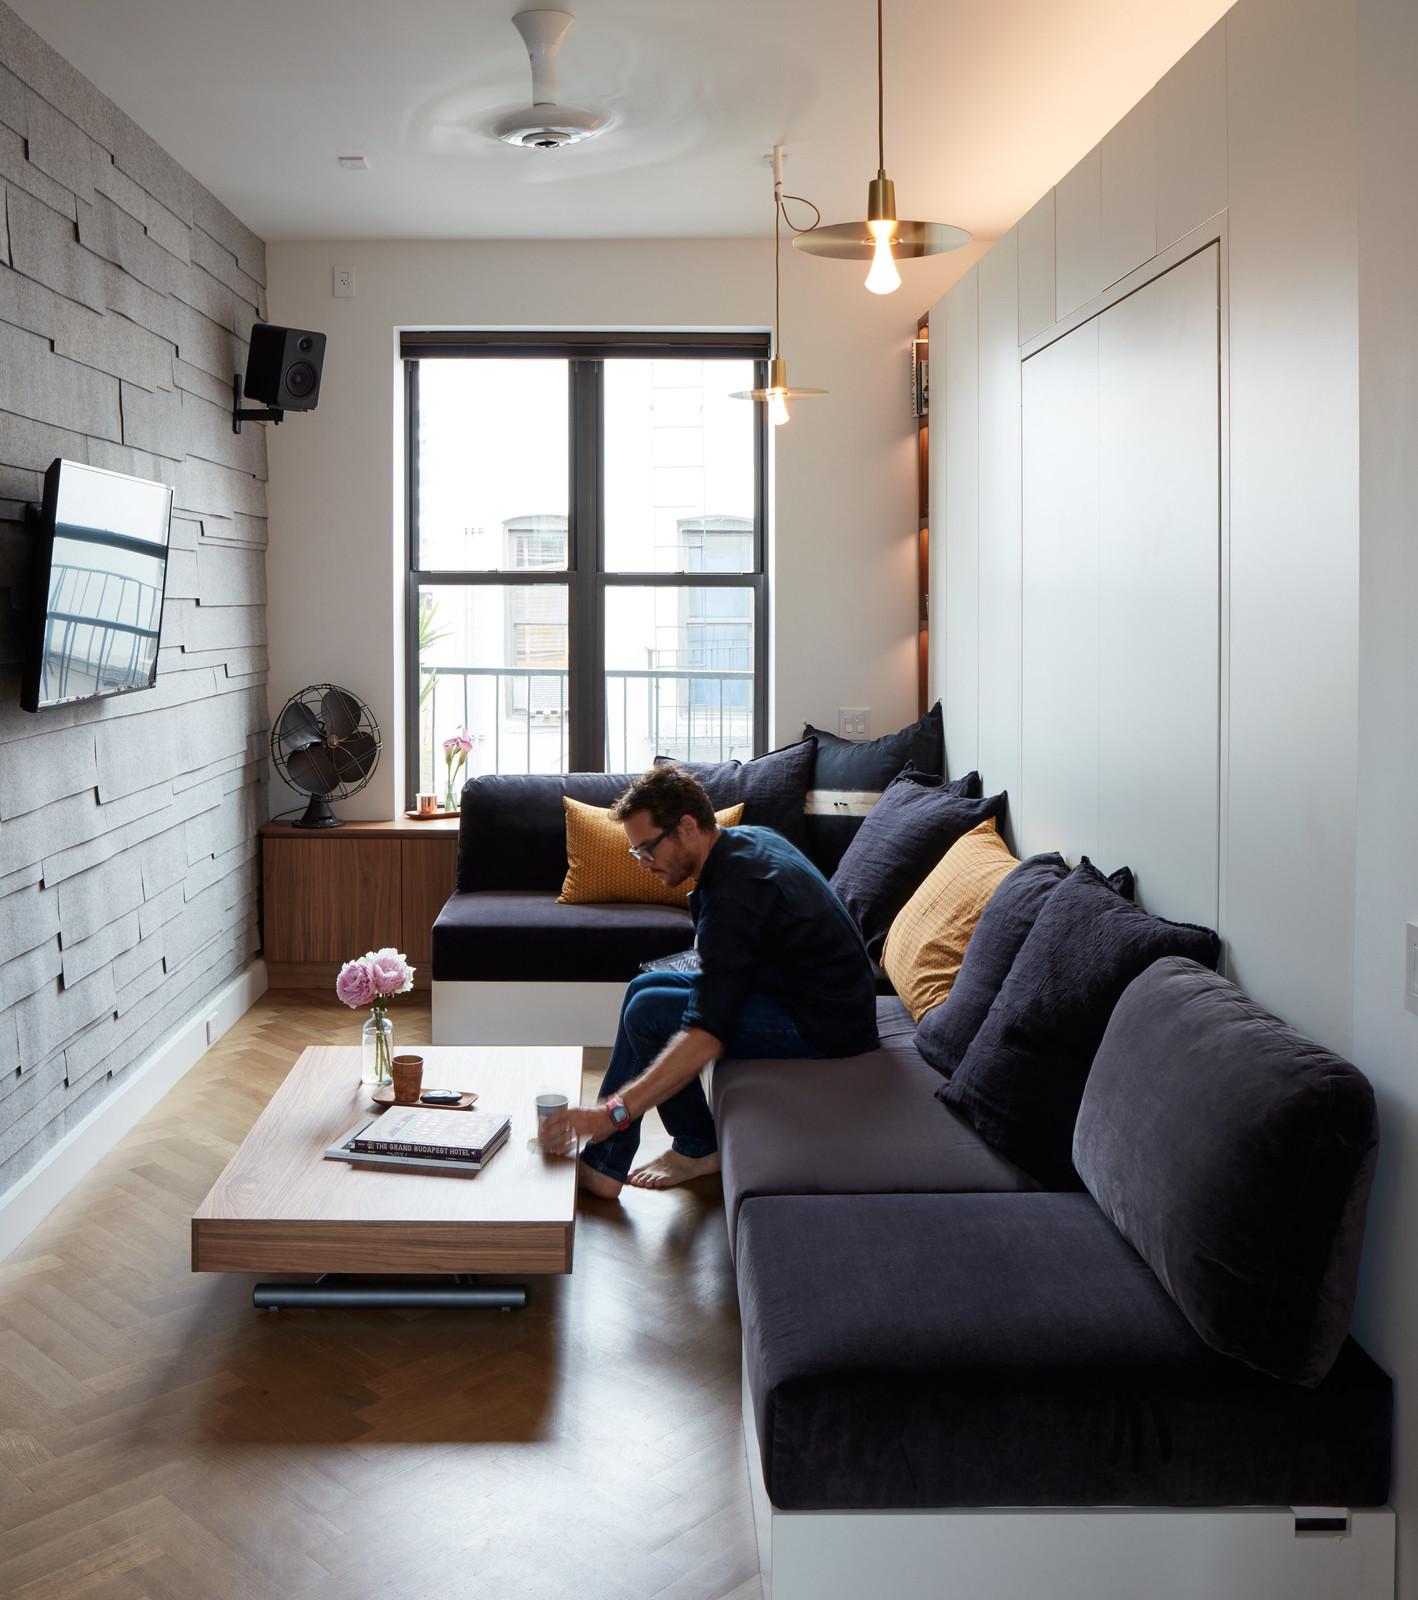 Aprs Les Mini Maisons Voici Un Inspirant Studio